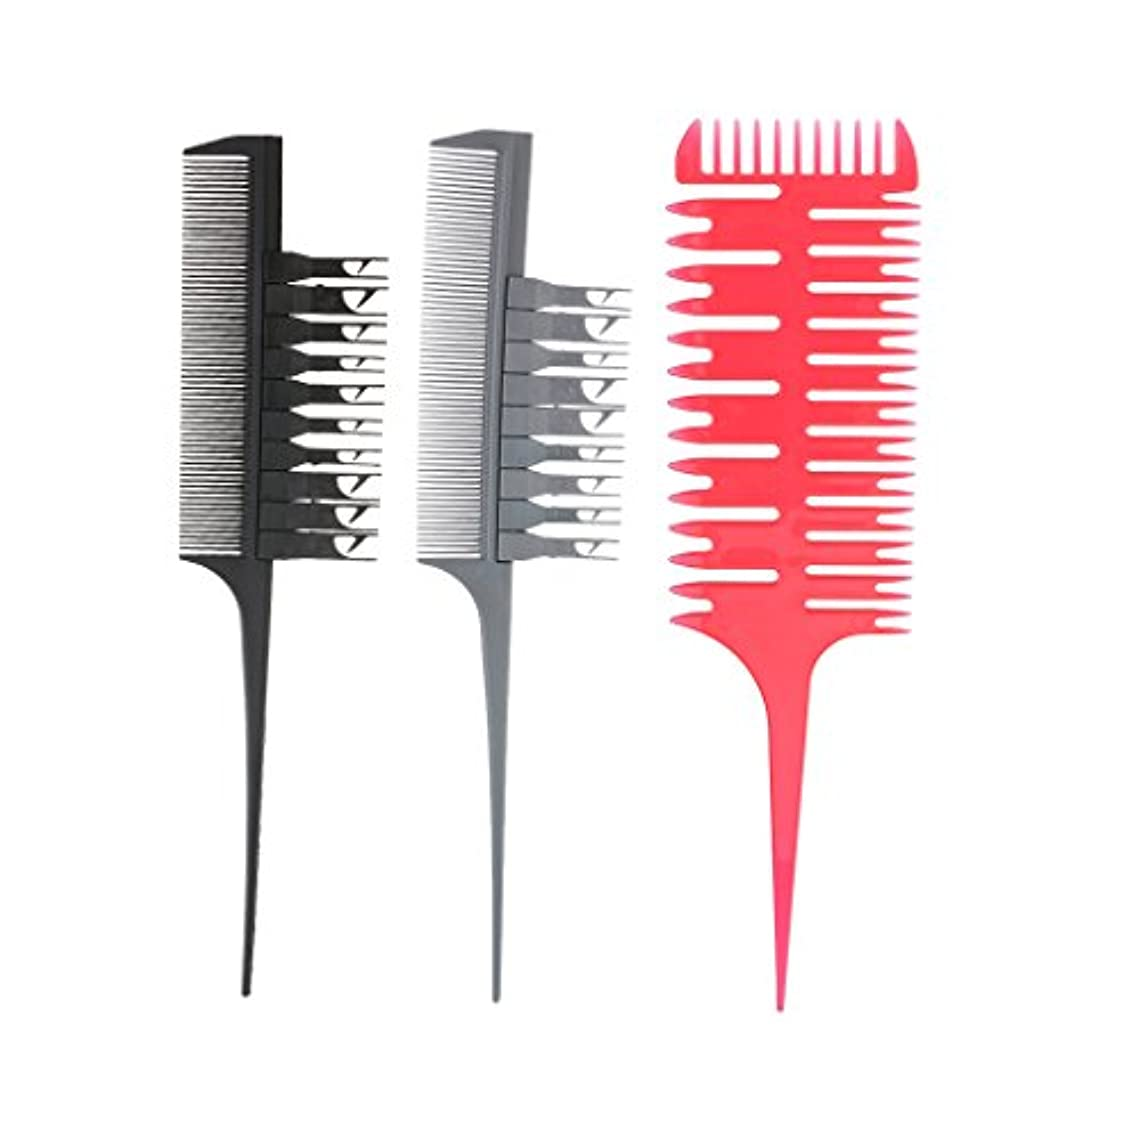 ホールラップ淡いGeneric 3ピースプロフェッショナル理髪セクショニング織りハイライトカラーリングサロン染色バレヤージュヘアコームツールセット付き交換可能ピックアップフック